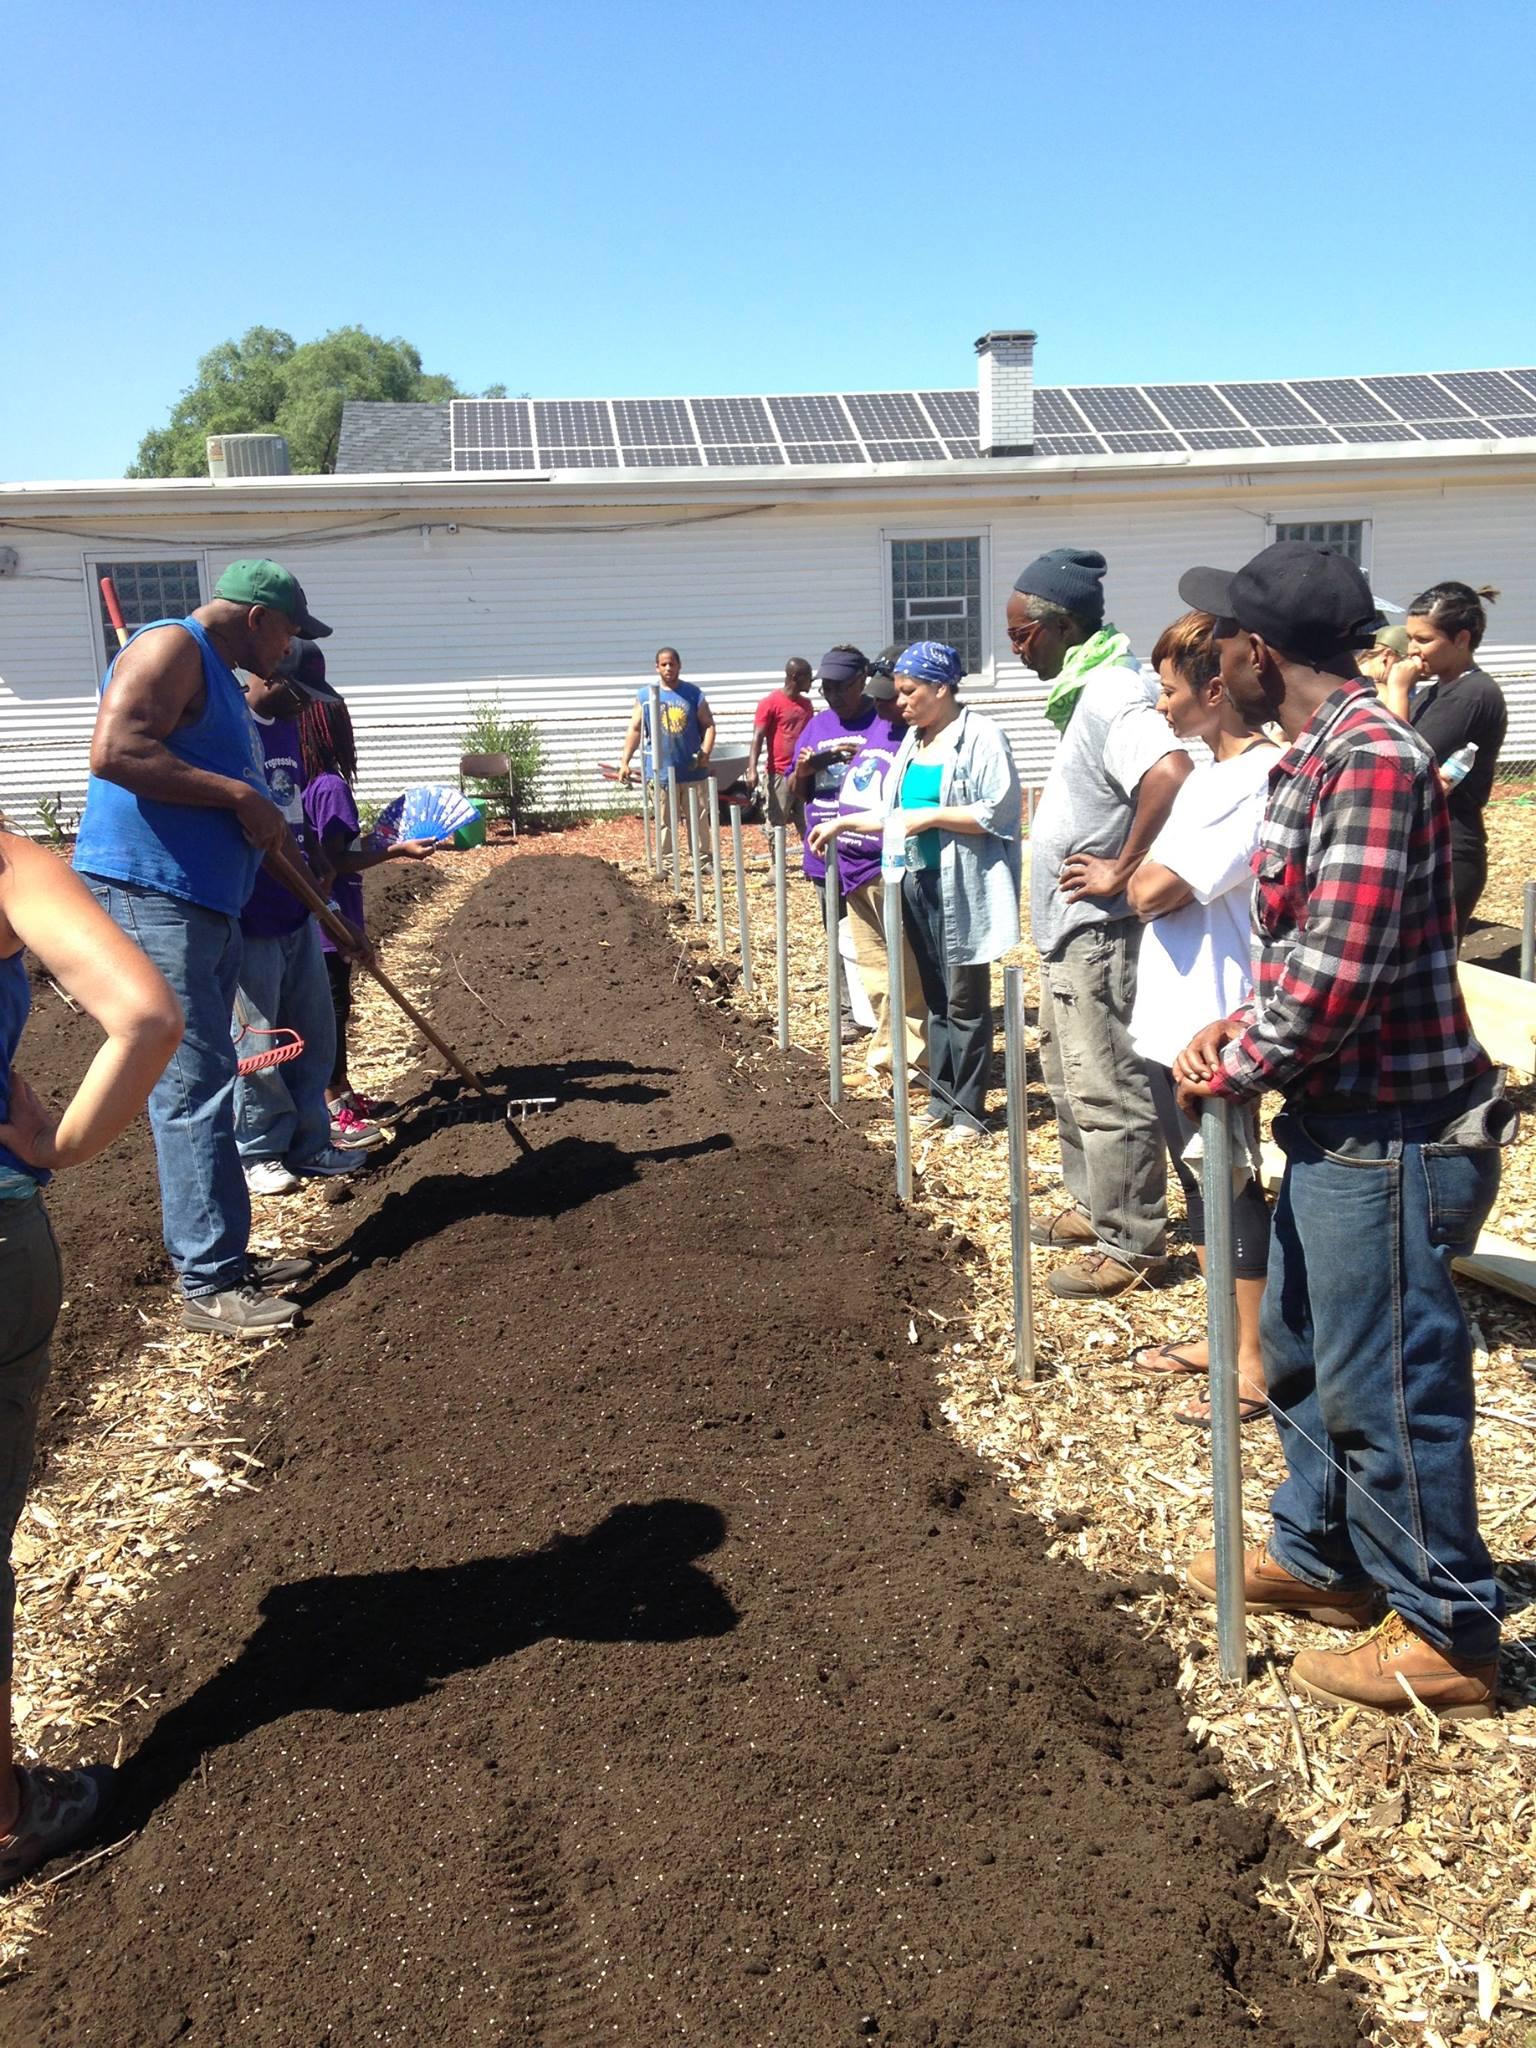 Will Allen demonstrates raking in the seeds